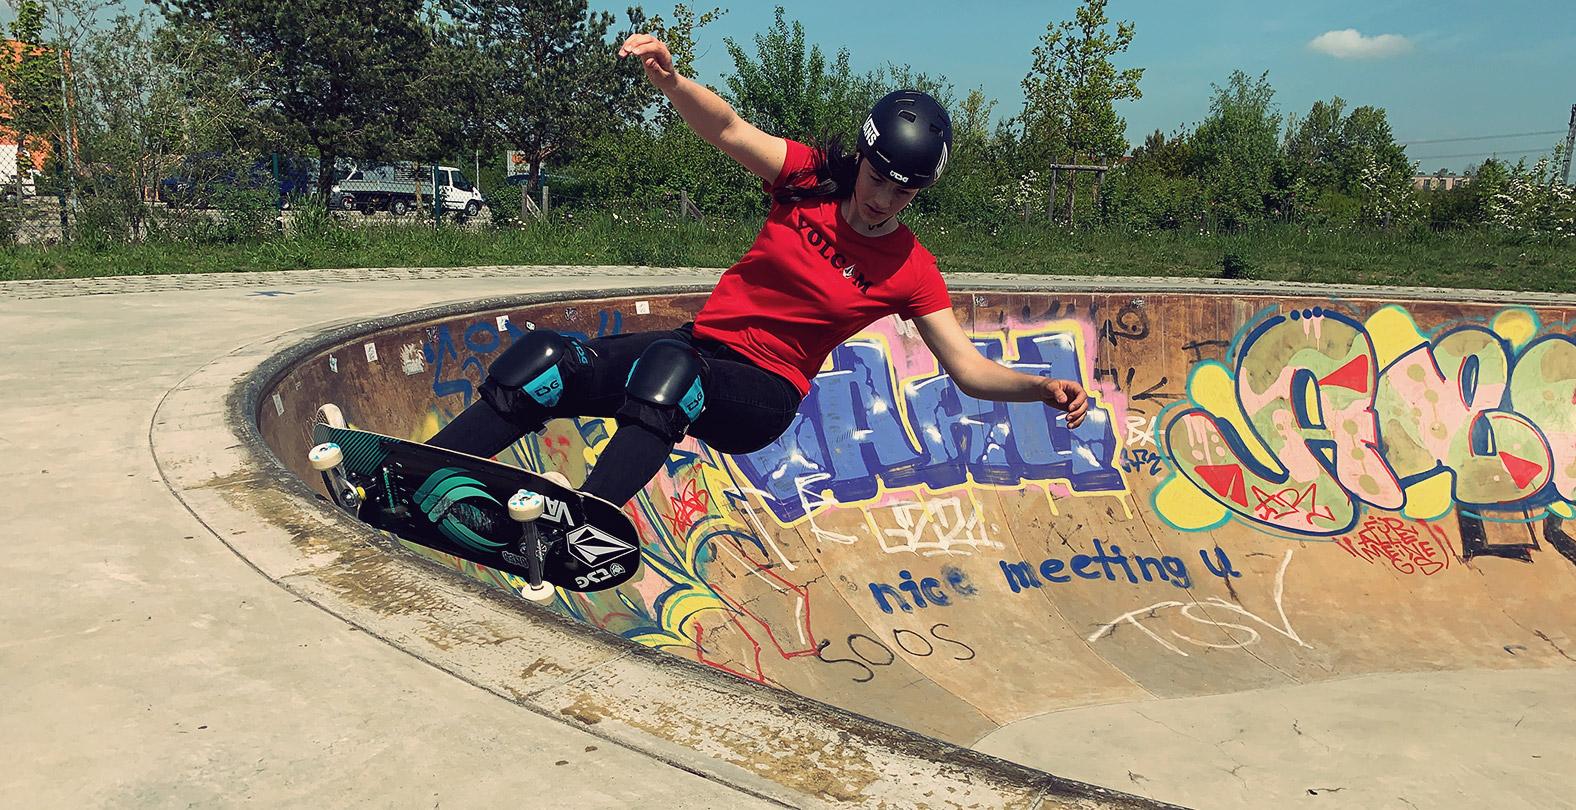 Leilani Ettel skateboarding bowl